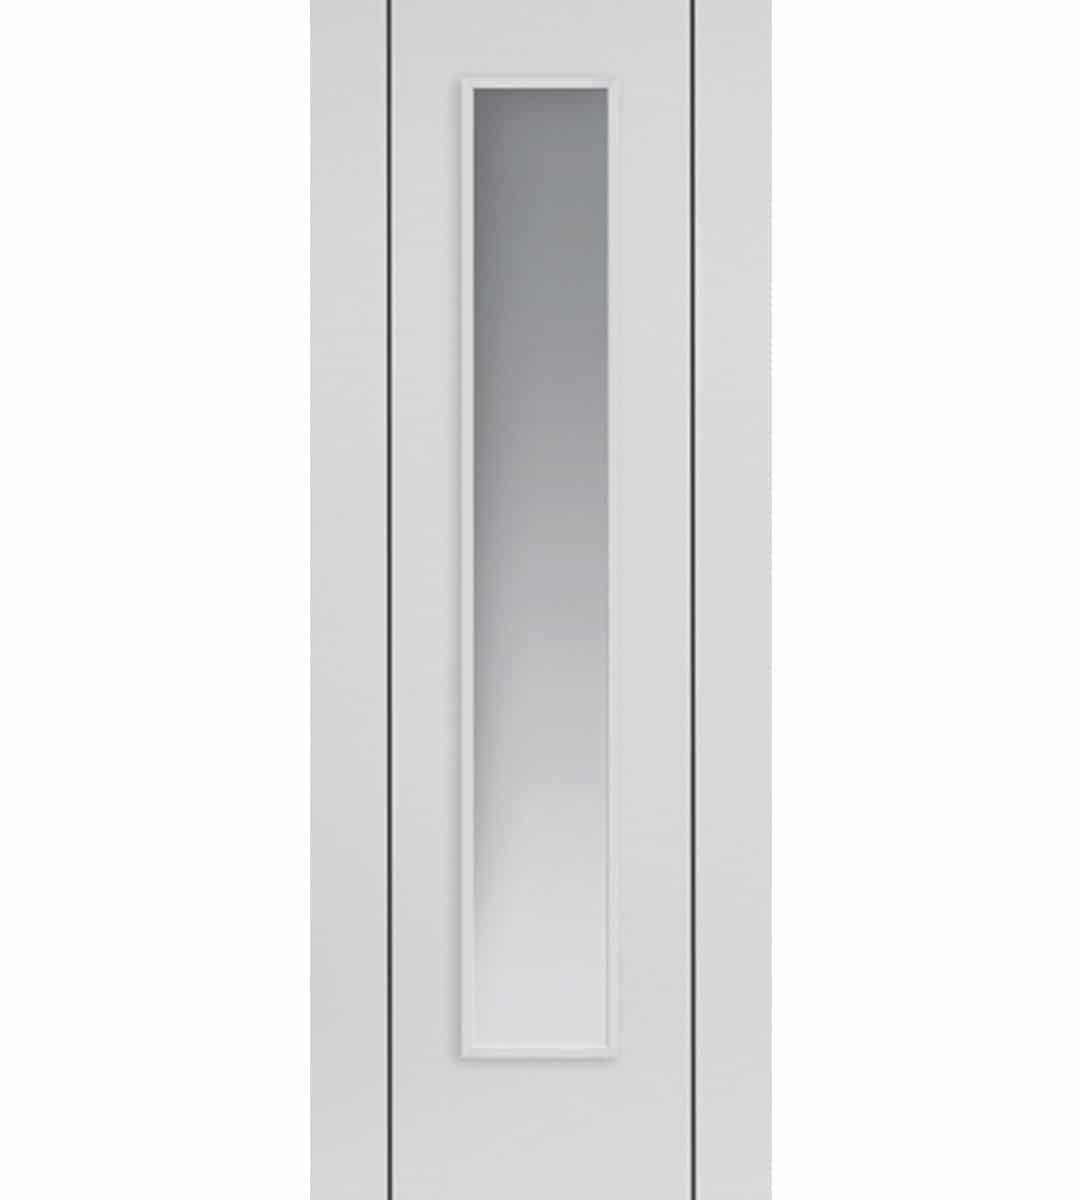 Eco parelo white internal glazed door shawfield doors for Eco doors